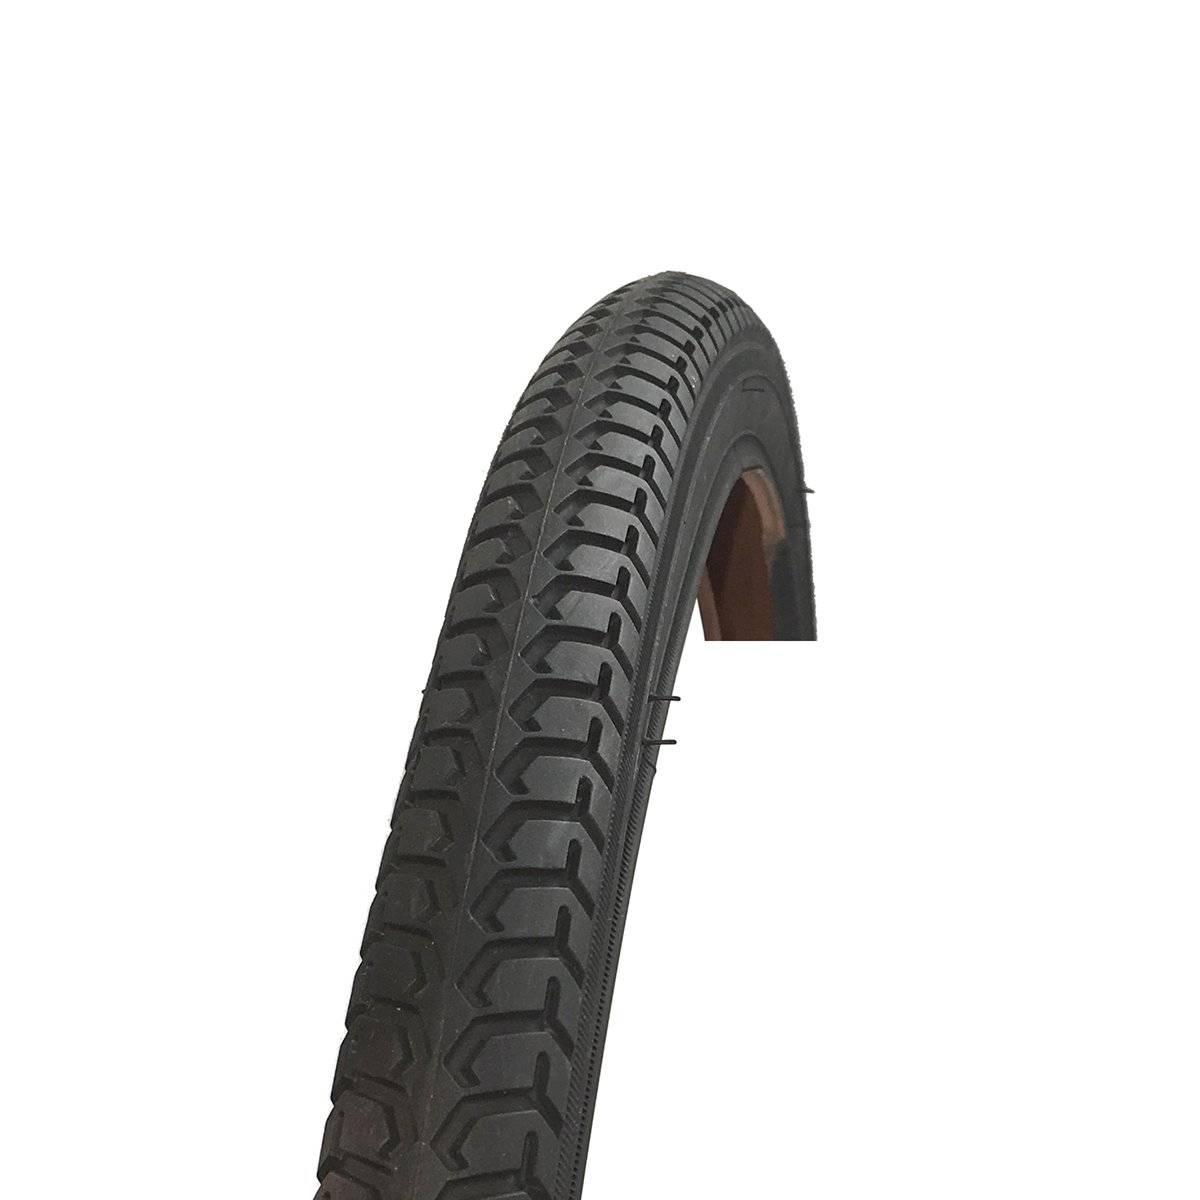 Покрышка велосипедная EXCEL H-404 22 X 1 3/8, 37-501 слик, H-404